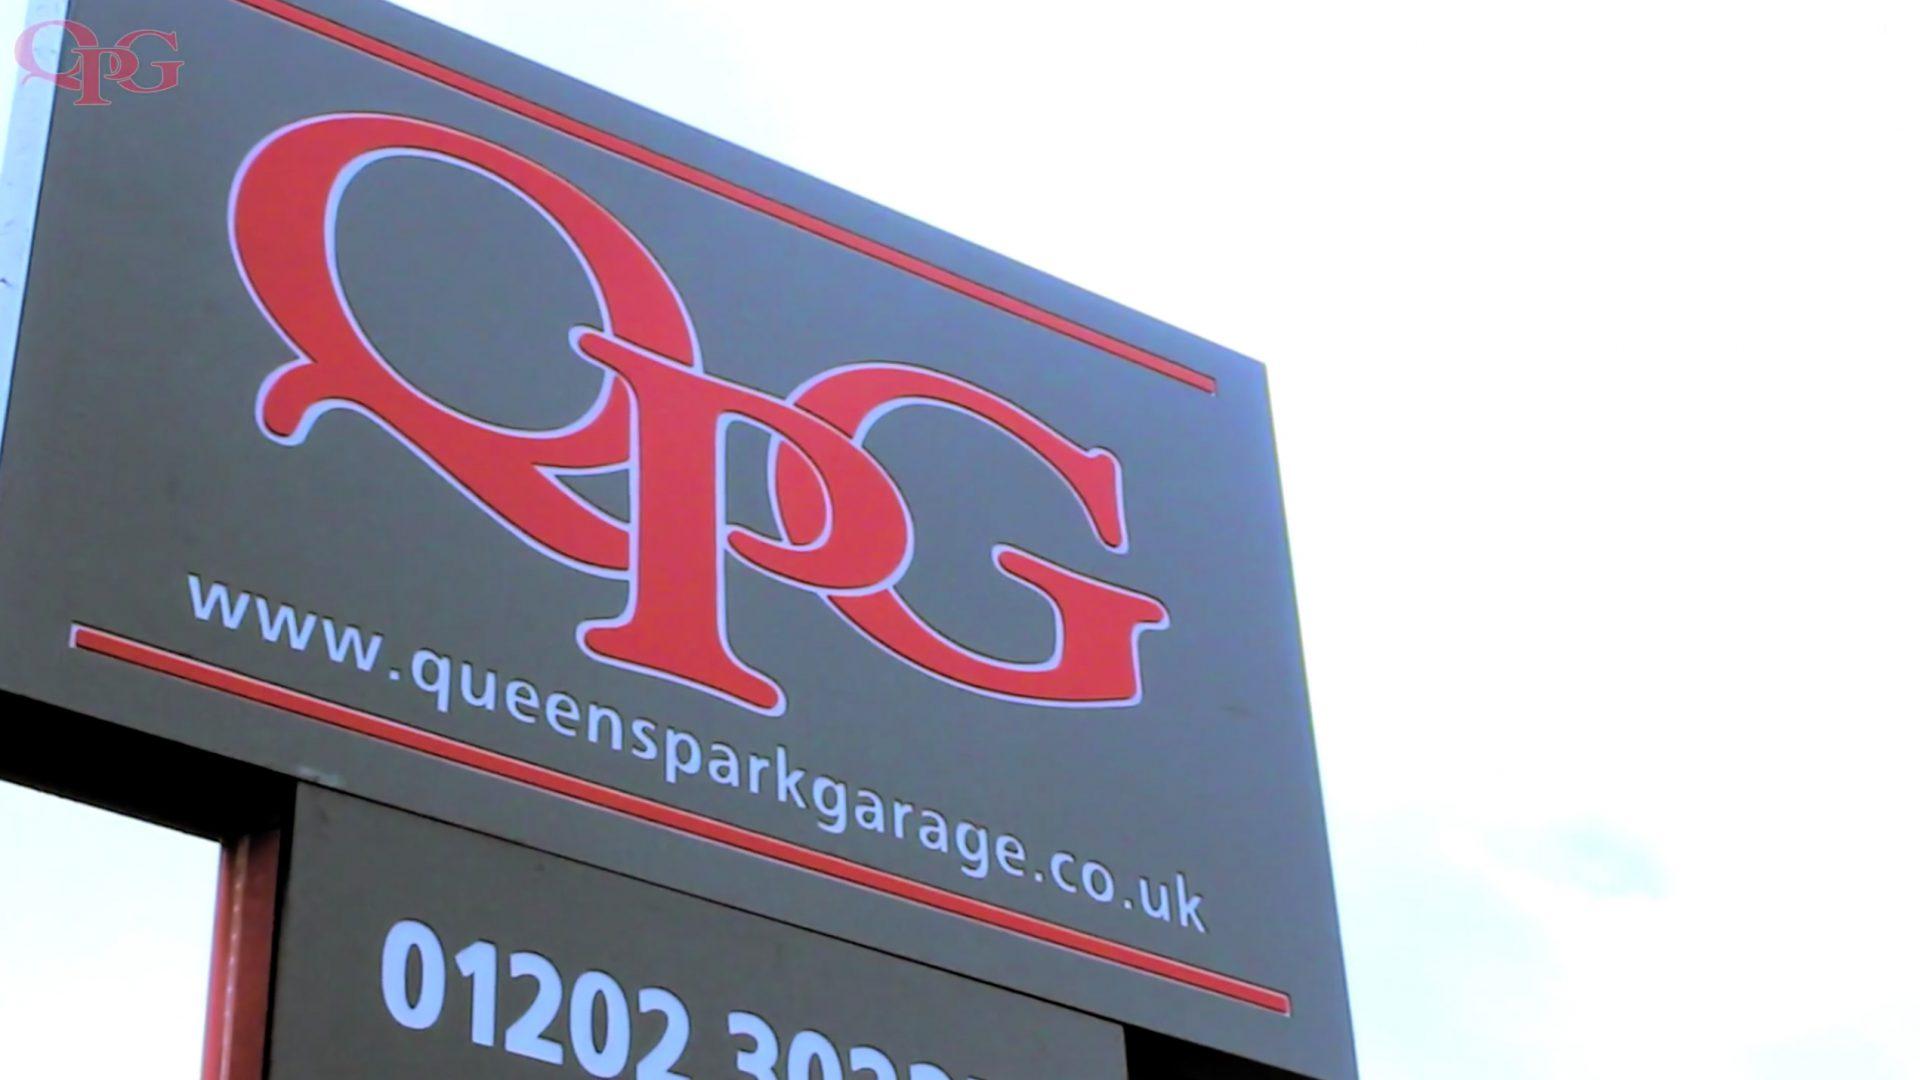 Queens Park Garage video